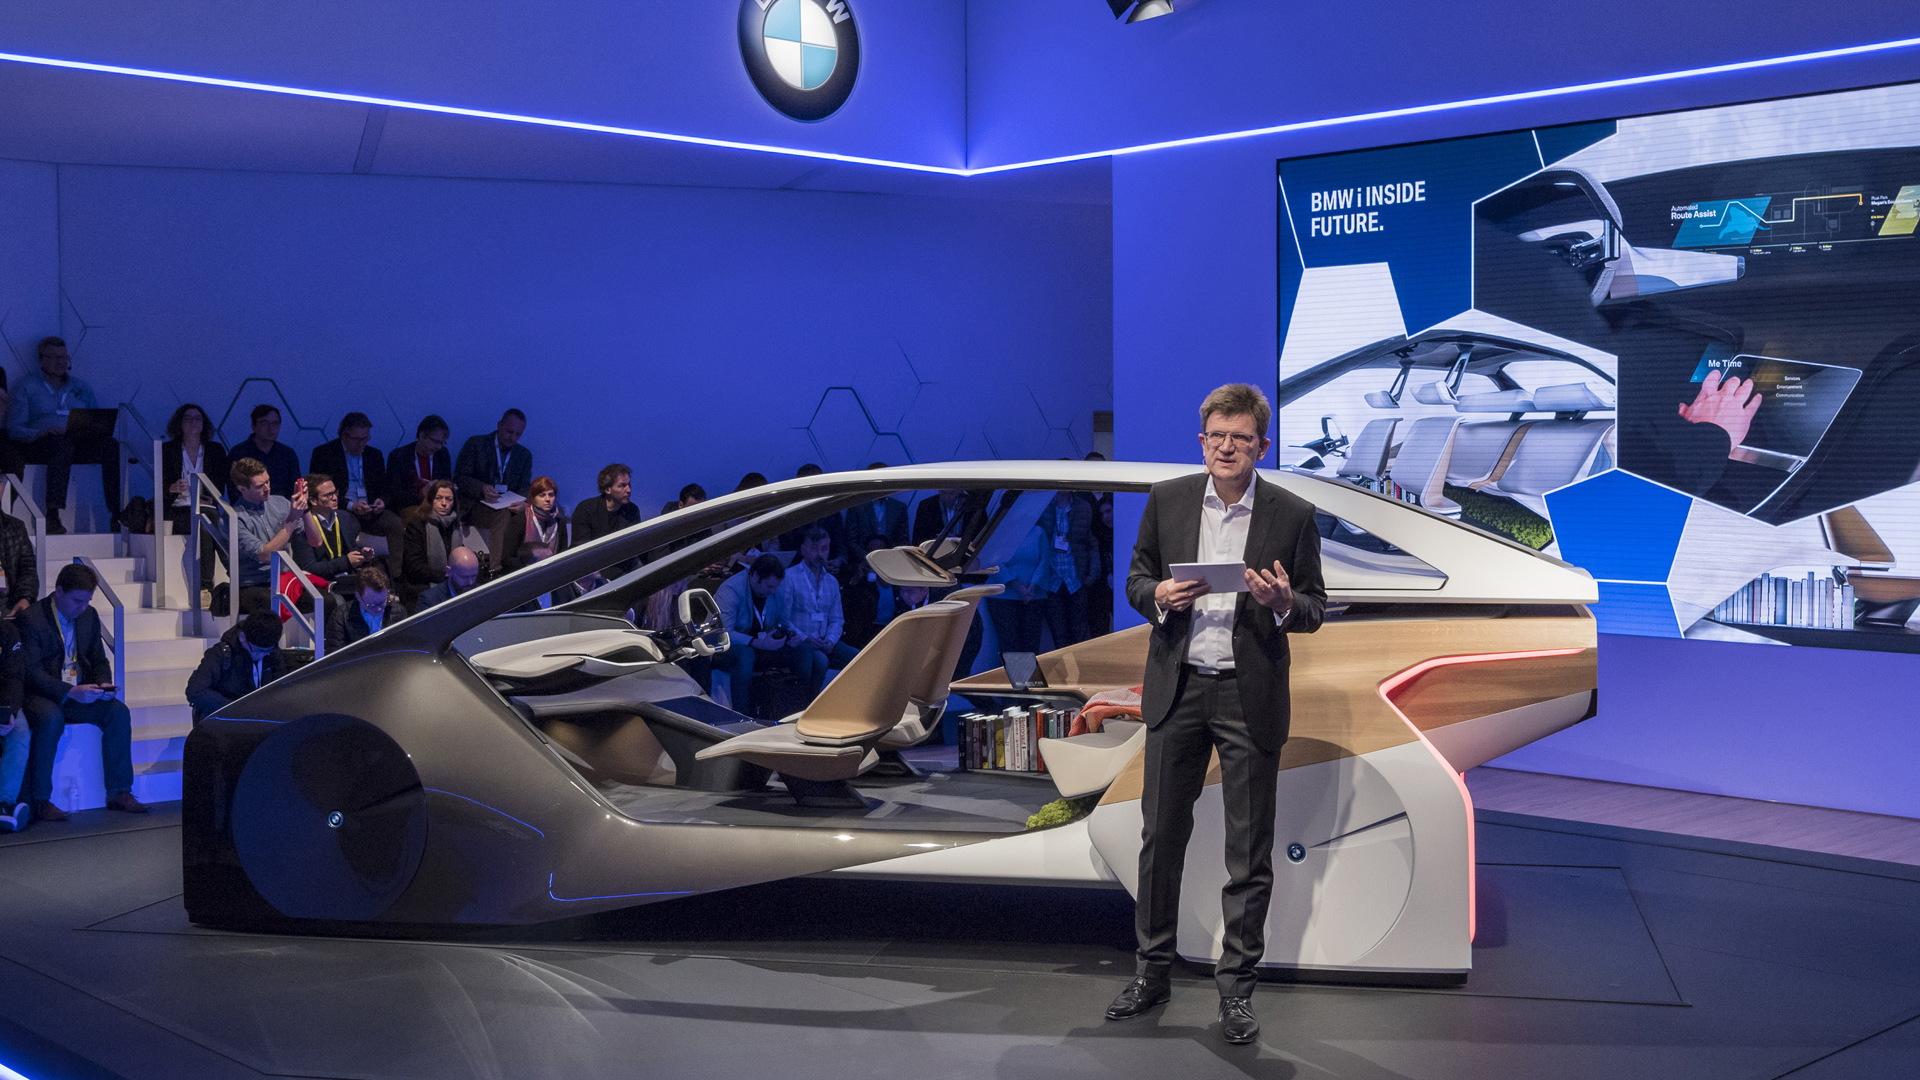 BMW i Inside Future concept, 2017 Consumer Electronics Show